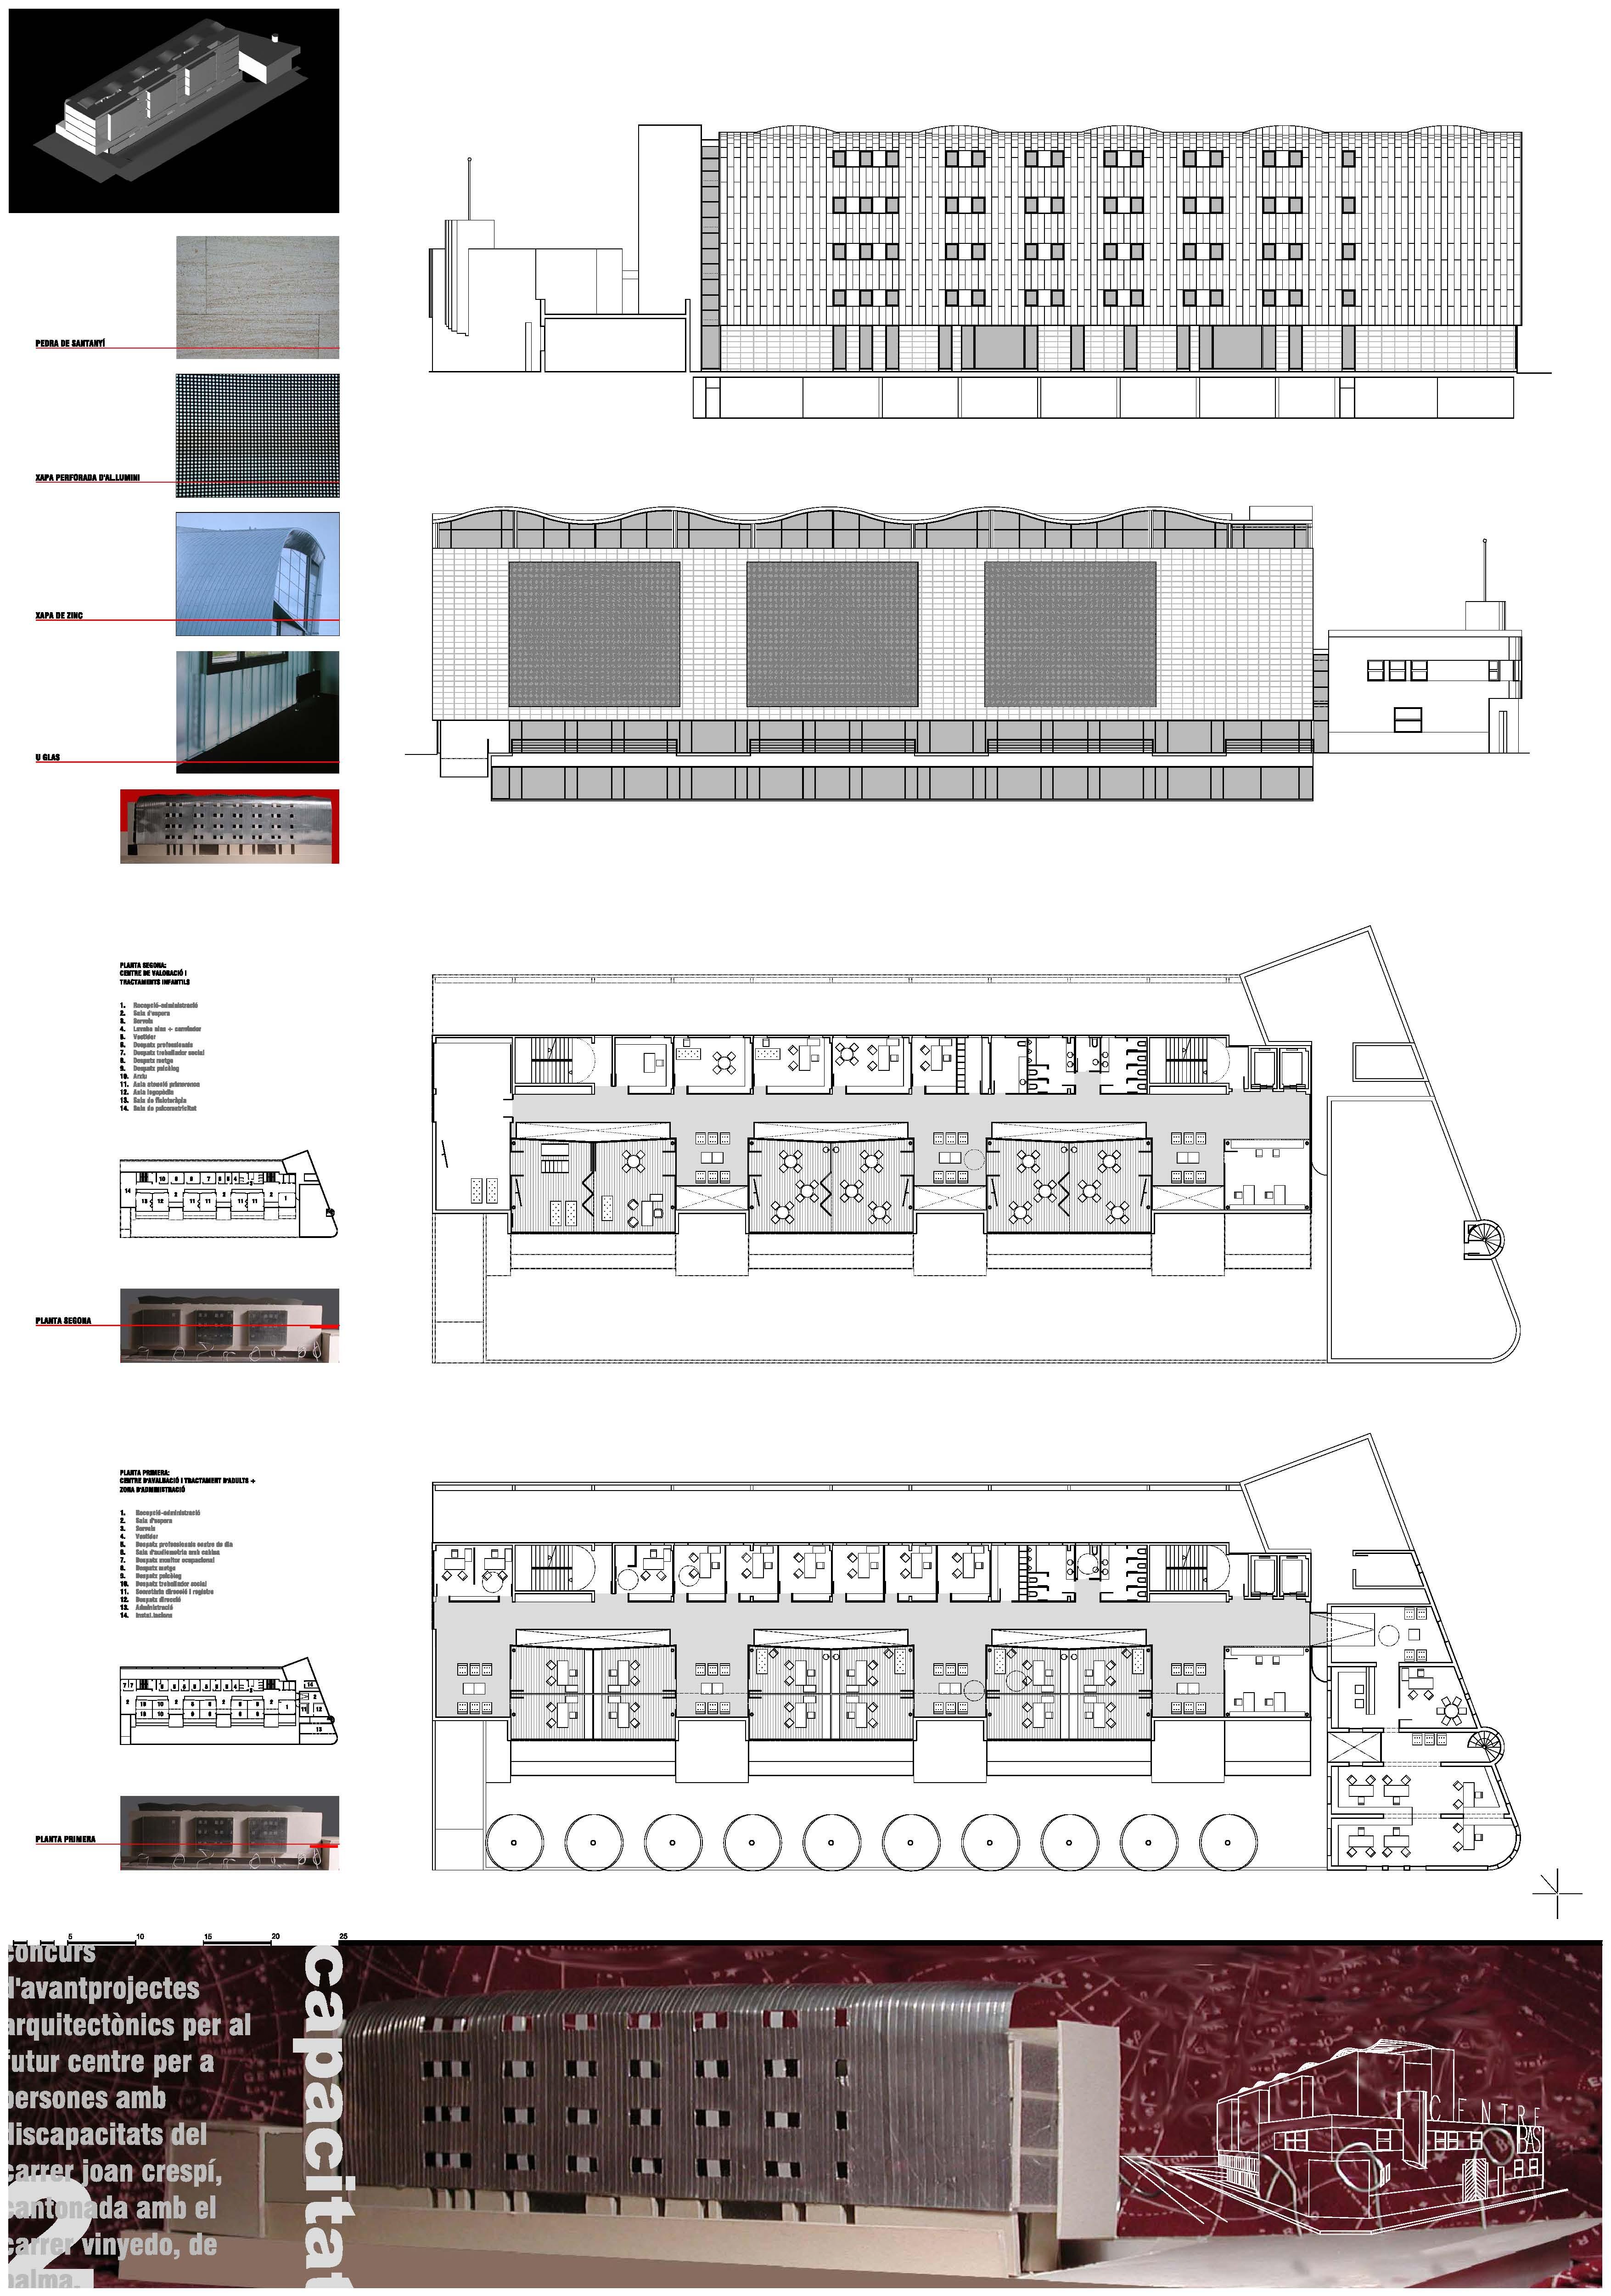 Arquitectos palma de mallorca link al proyecto completo - Arquitectos palma de mallorca ...